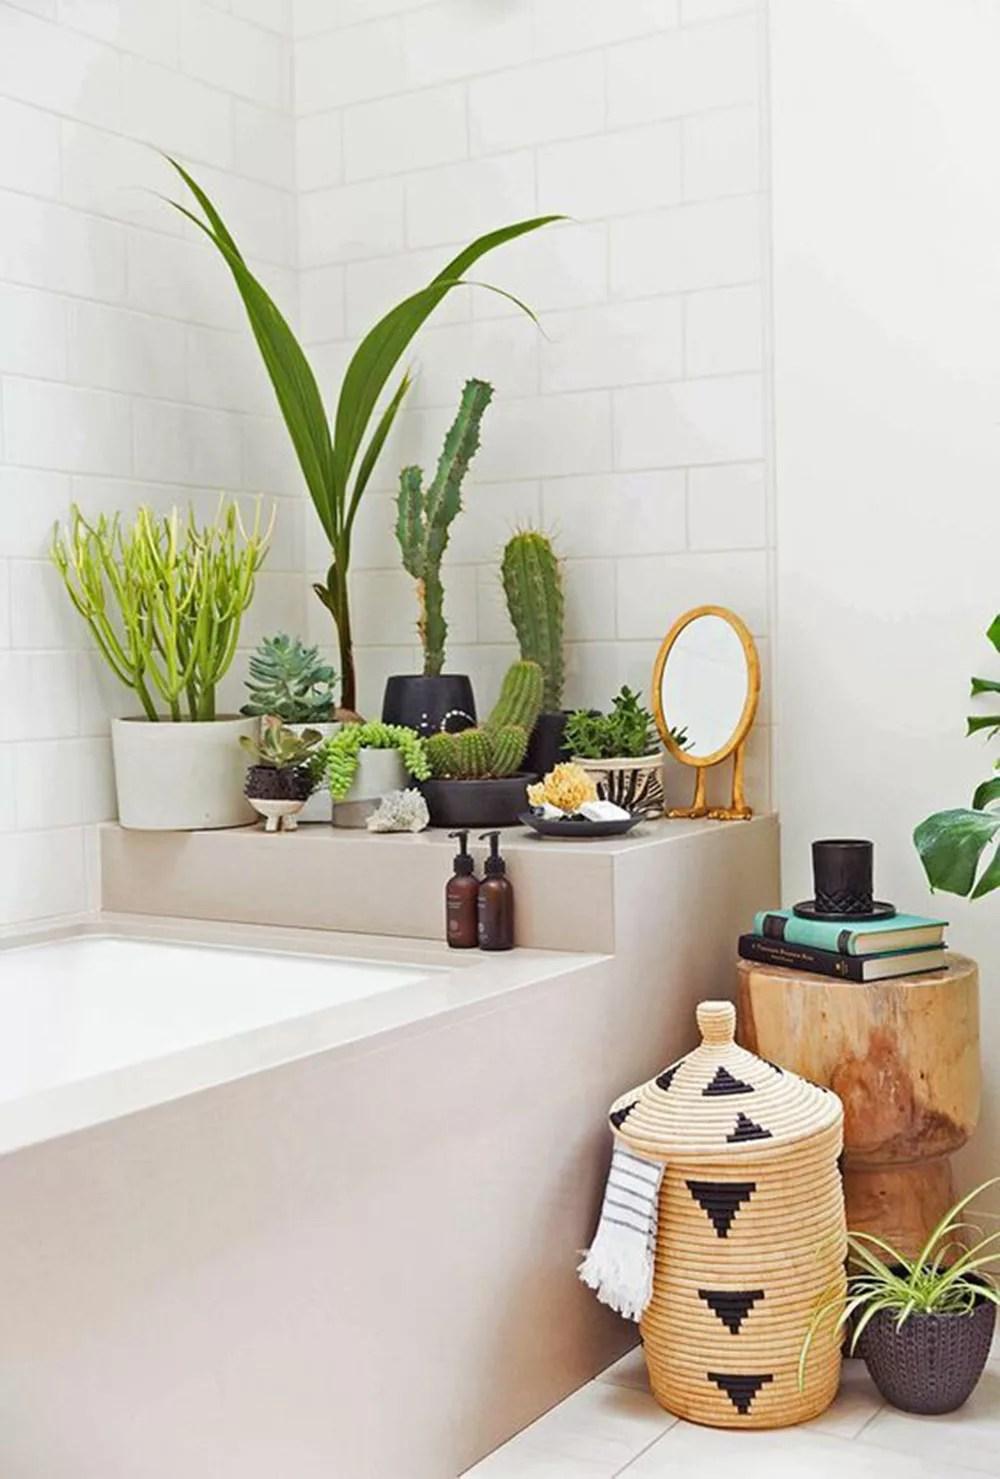 Gợi ý 10 cách thiết kế spa tại nhà giúp nâng tầm không gian phòng tắm - Ảnh 4.